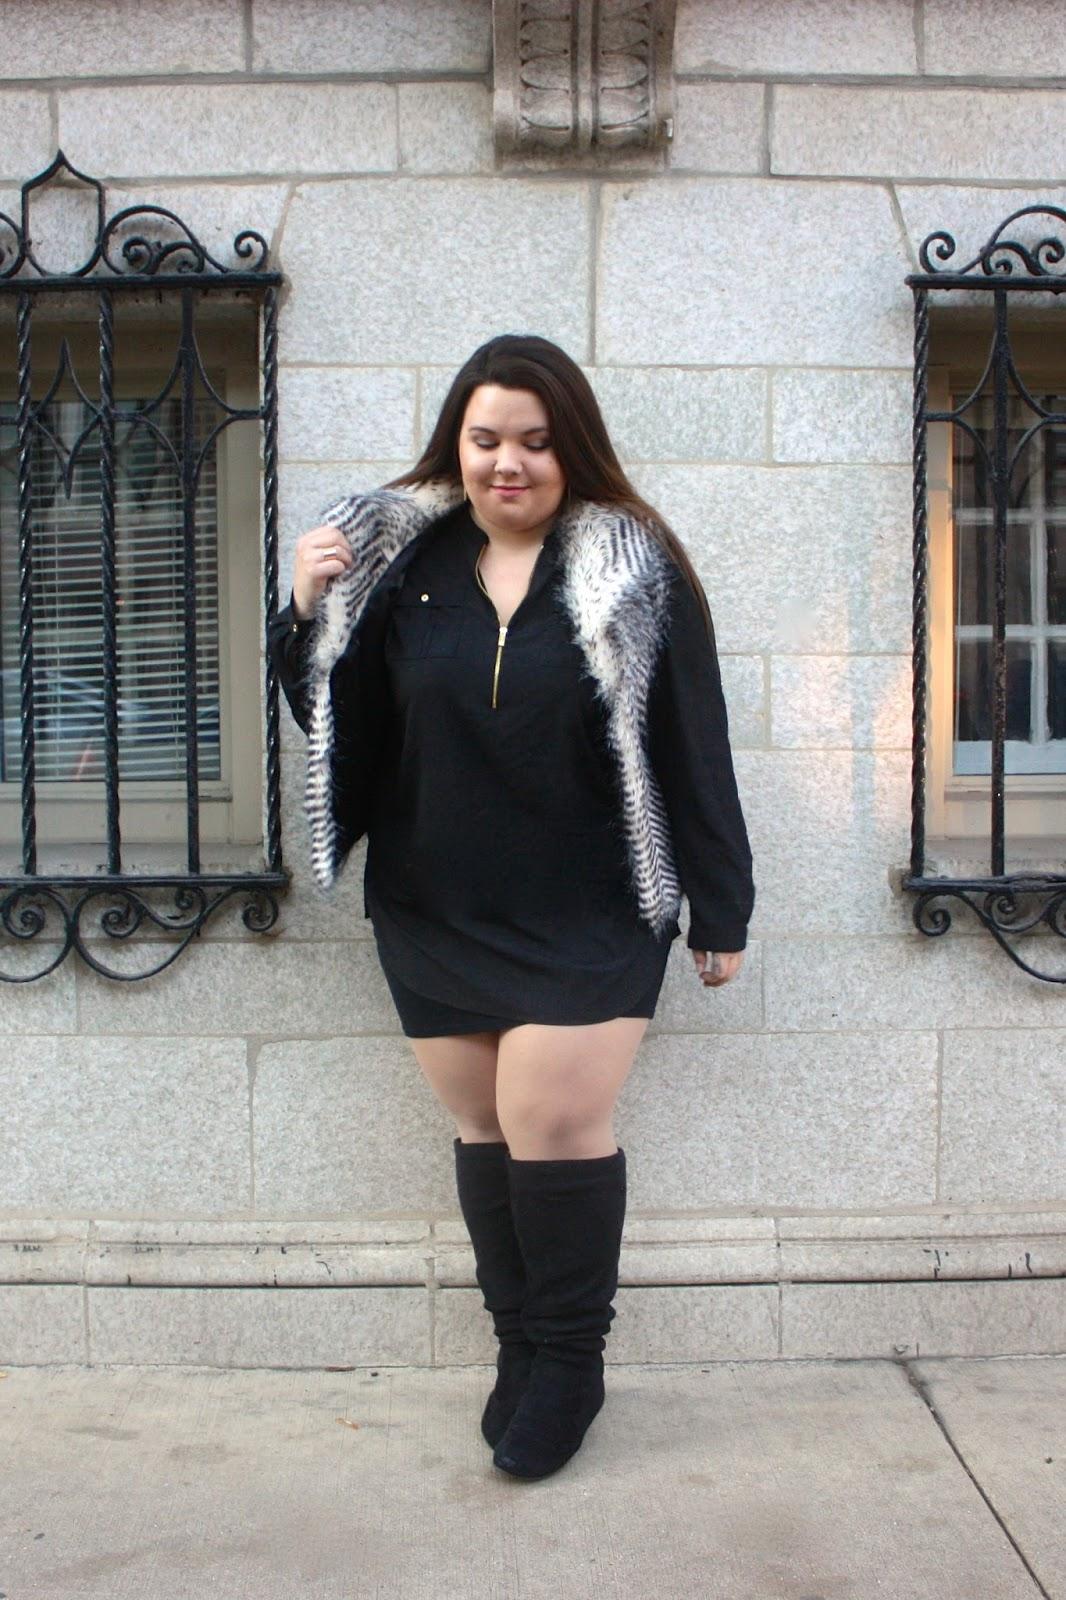 natalie craig, devon rachel, devon cruse, fur vest, how to wear a fur vest, how to wear fur, natalie in the city, chicago, winter trends 2015, plus size fashion blogger, plus size, ps fashion, ootd, blogger in fur, plus size faux fur